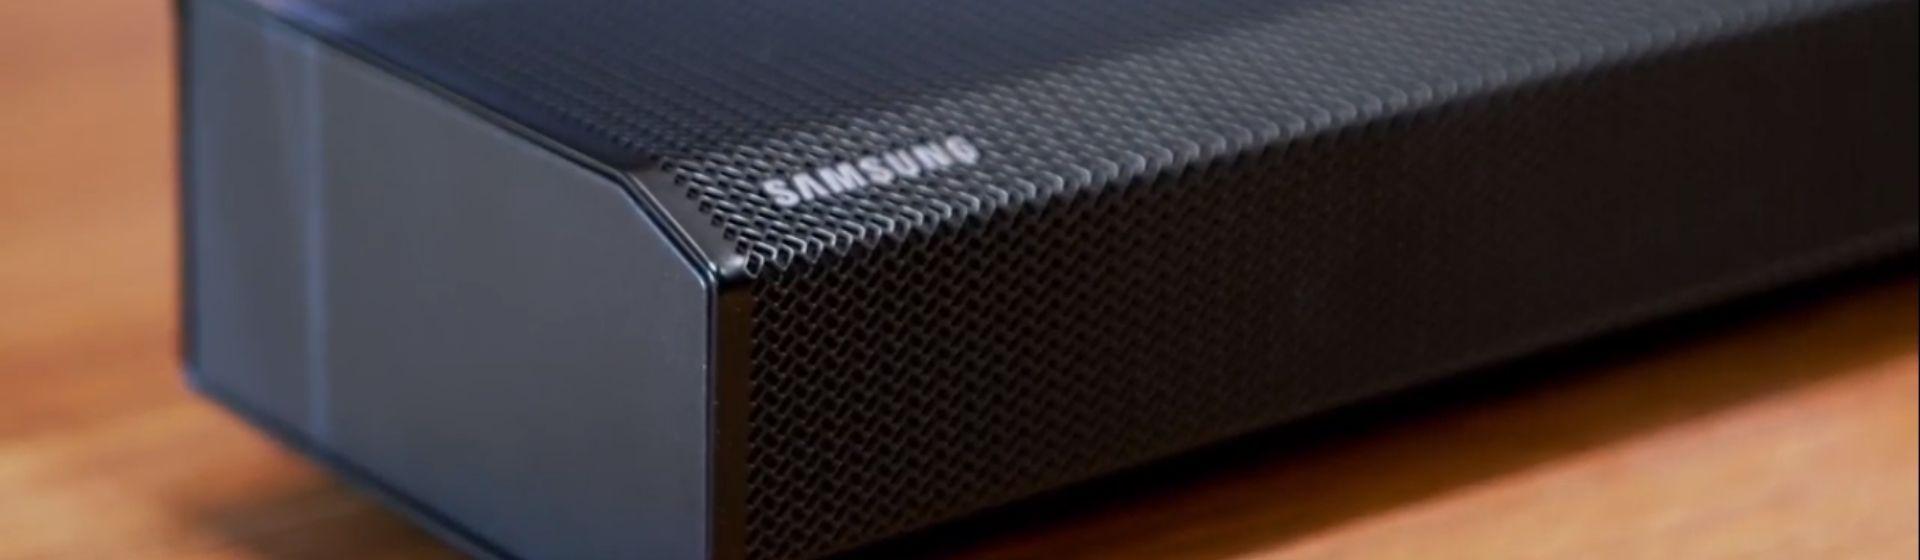 Além das TVs, Samsung lança linha 2020 de soundbars; confira detalhes